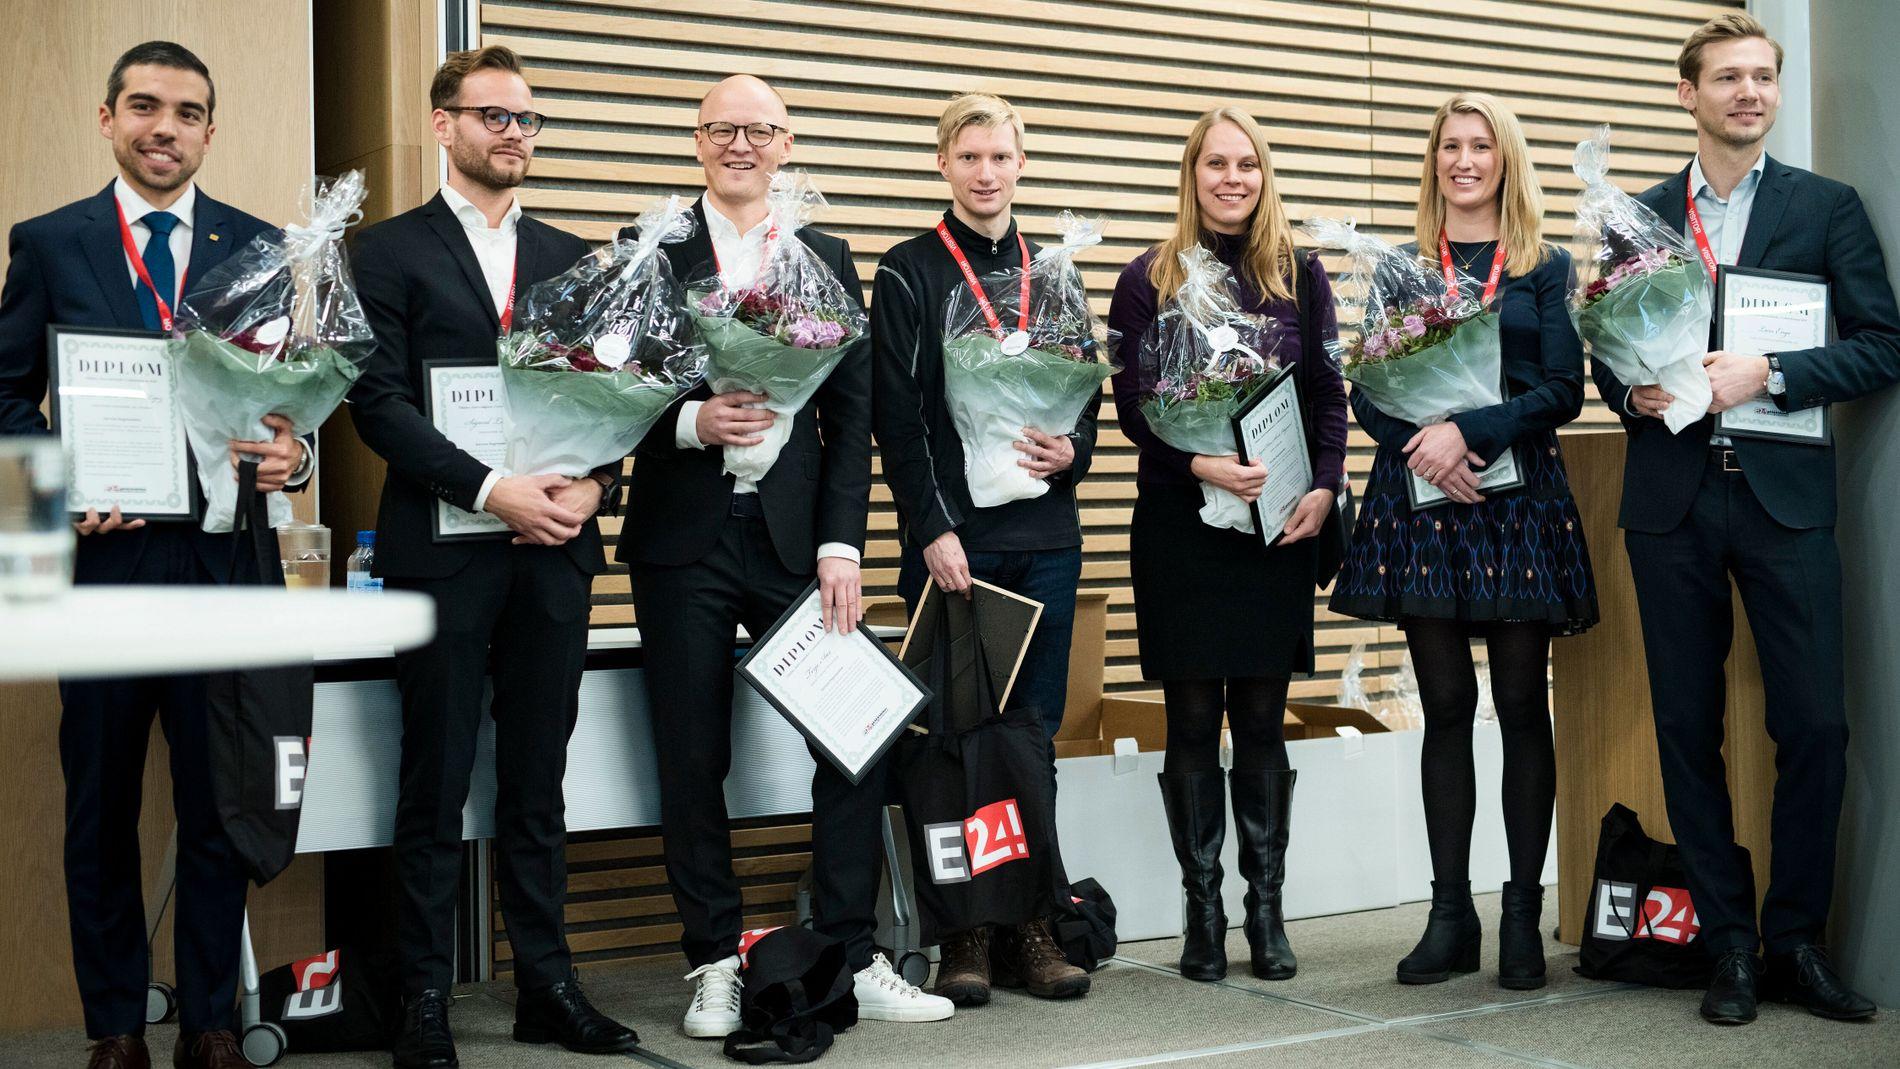 HEDRET: Her er noen av fjorårets kategorivinnere på scenen under prisutdelingsarrangementet. Fra venstre Pablo Barrera (Yara, årets drivkraft), Sighurd Løvfall (Sweco, årets rådgiver) Terje Aas (Microsoft, årets salgsleder), Geir Engdahl (Cognite, årets innovatør), Ingrid Oline Skeide Ødegaard (Appear.in, årets fremtidstenker), Monica Paulsen Ygre (Freia, årets markedsfører), Lars Enge (Yara, årets økonomihode).